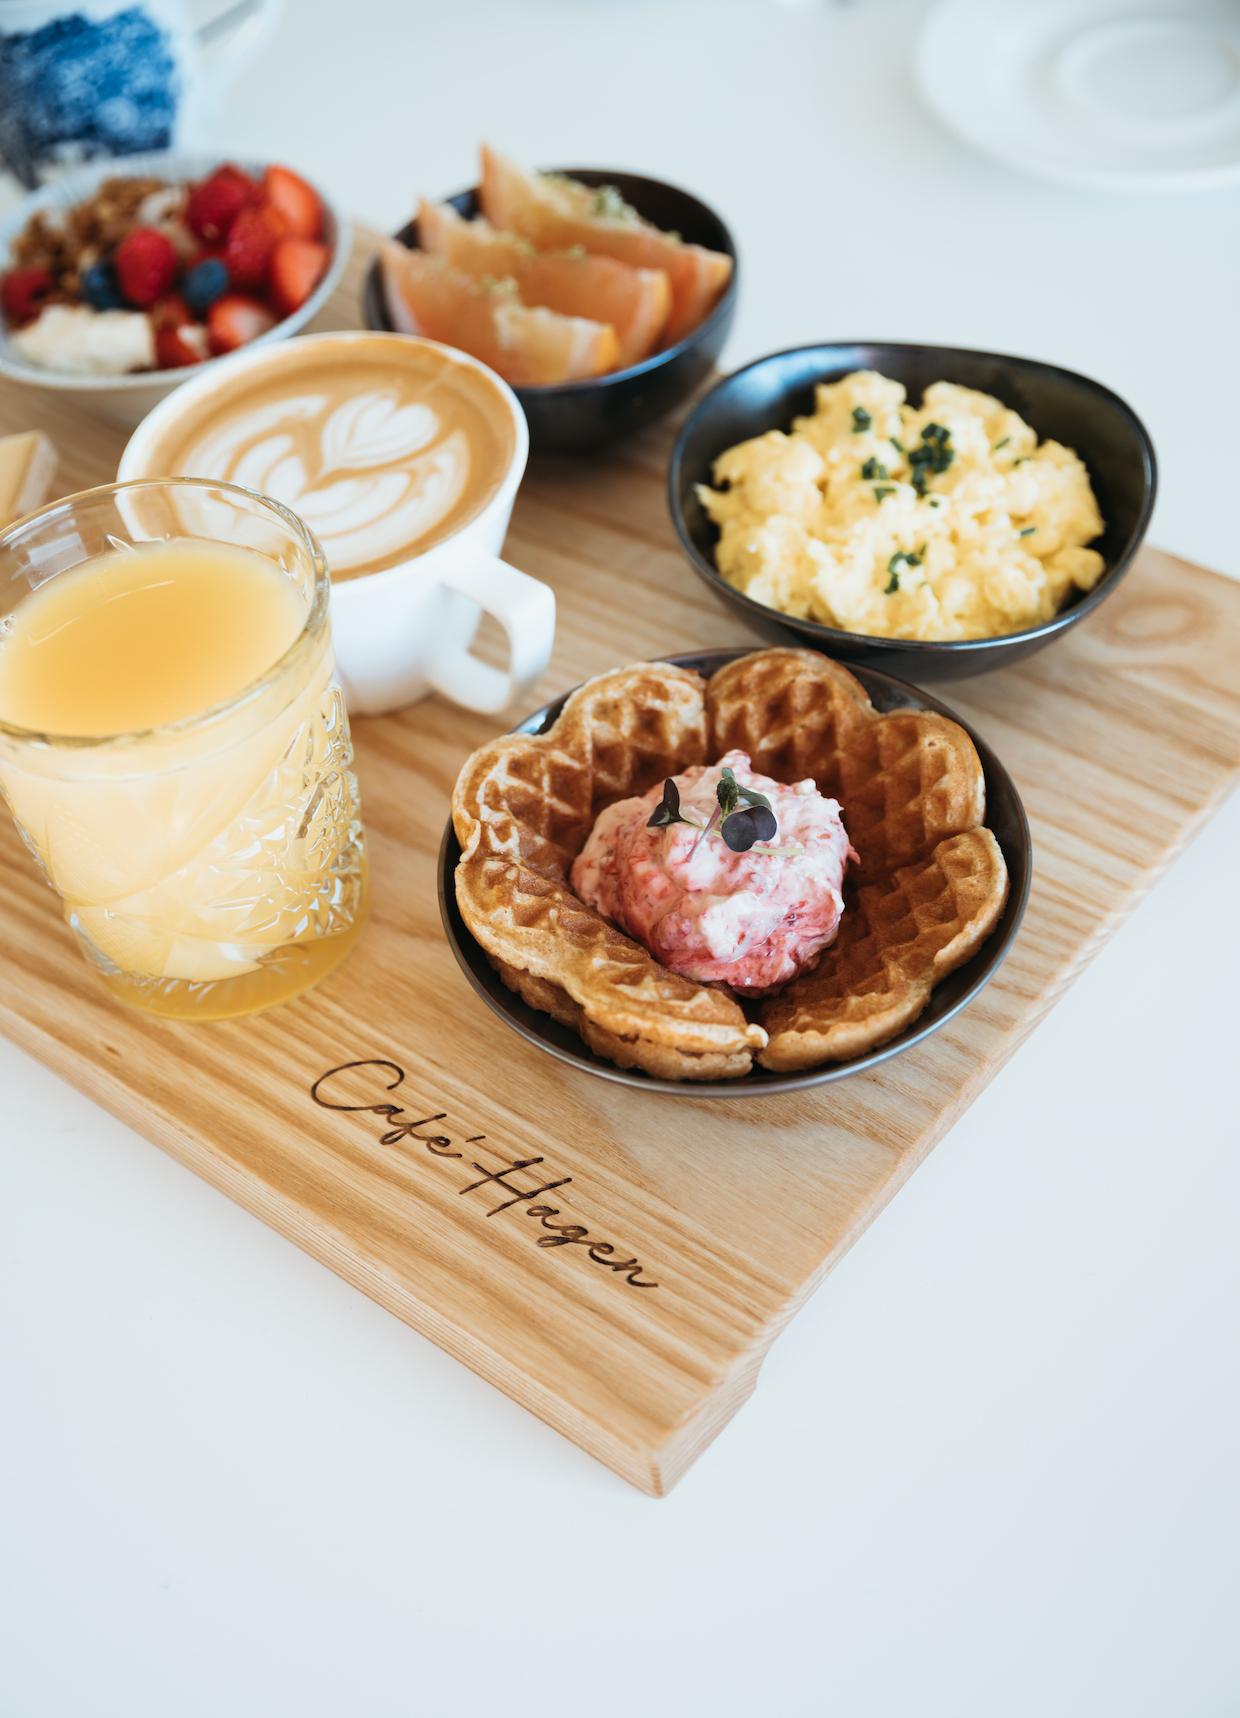 Cafe Hagen food